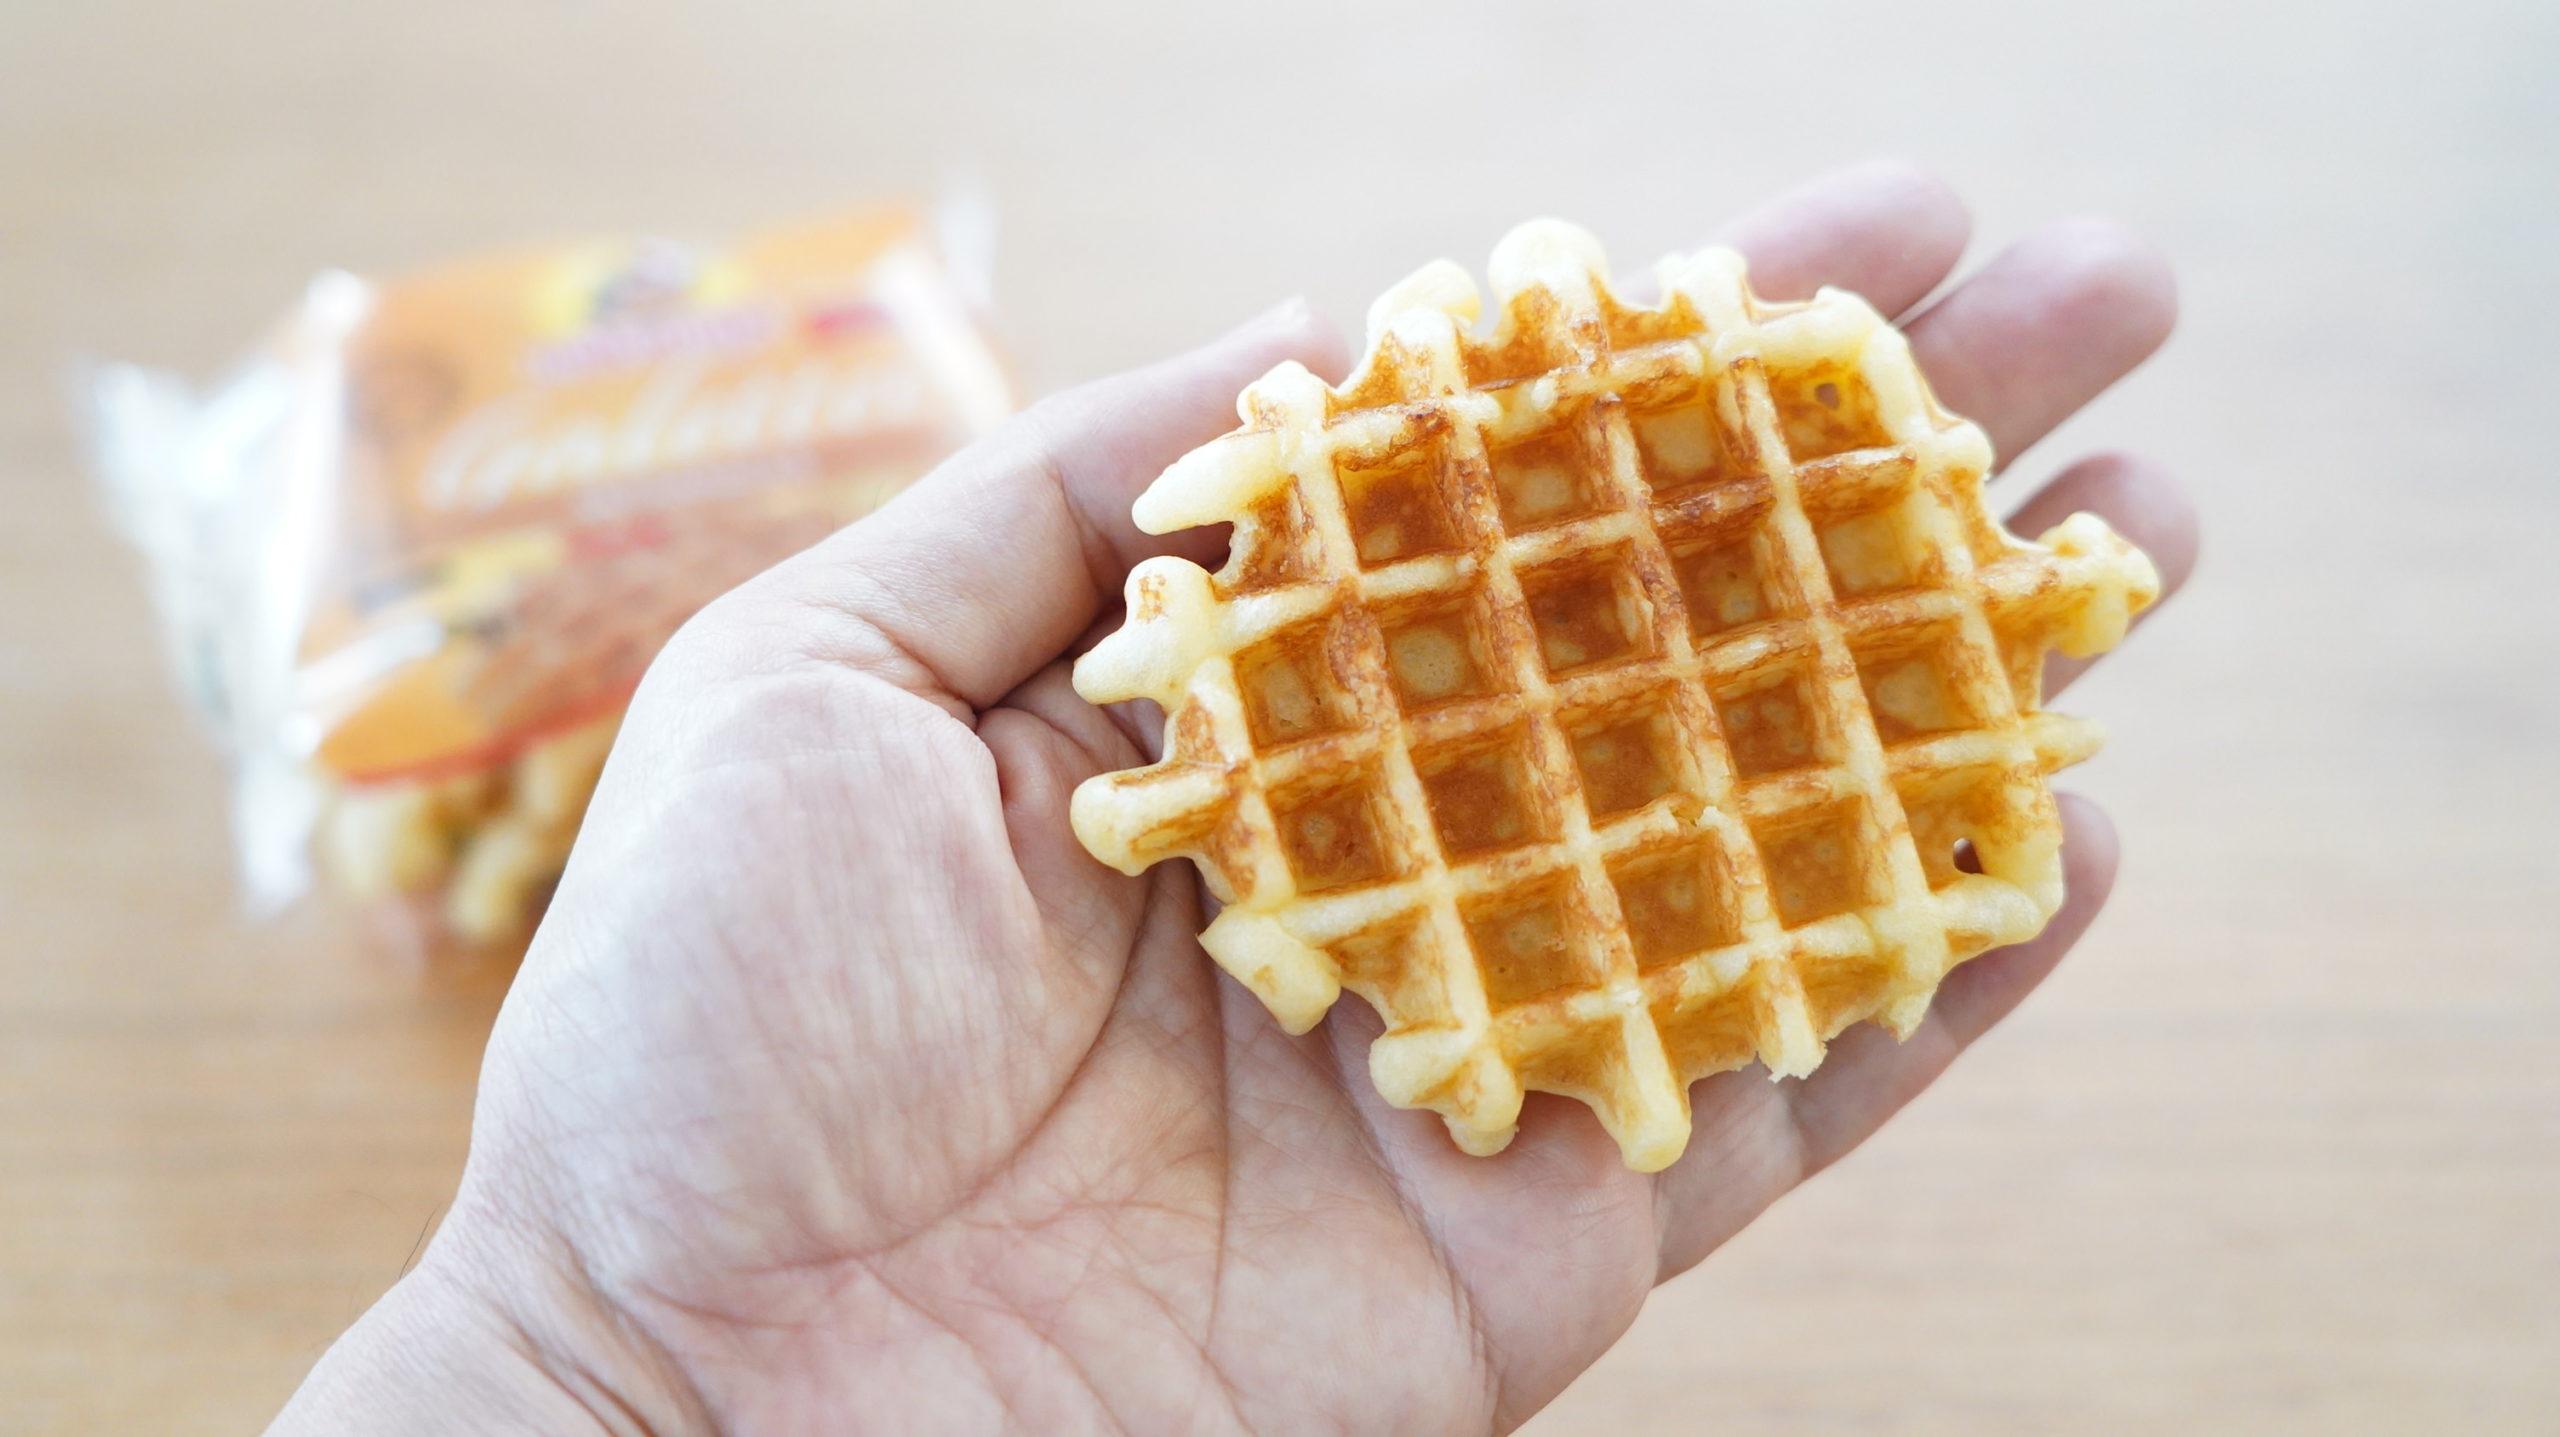 コストコの冷凍食品「ベルギー・バターワッフル」を手に乗せた写真